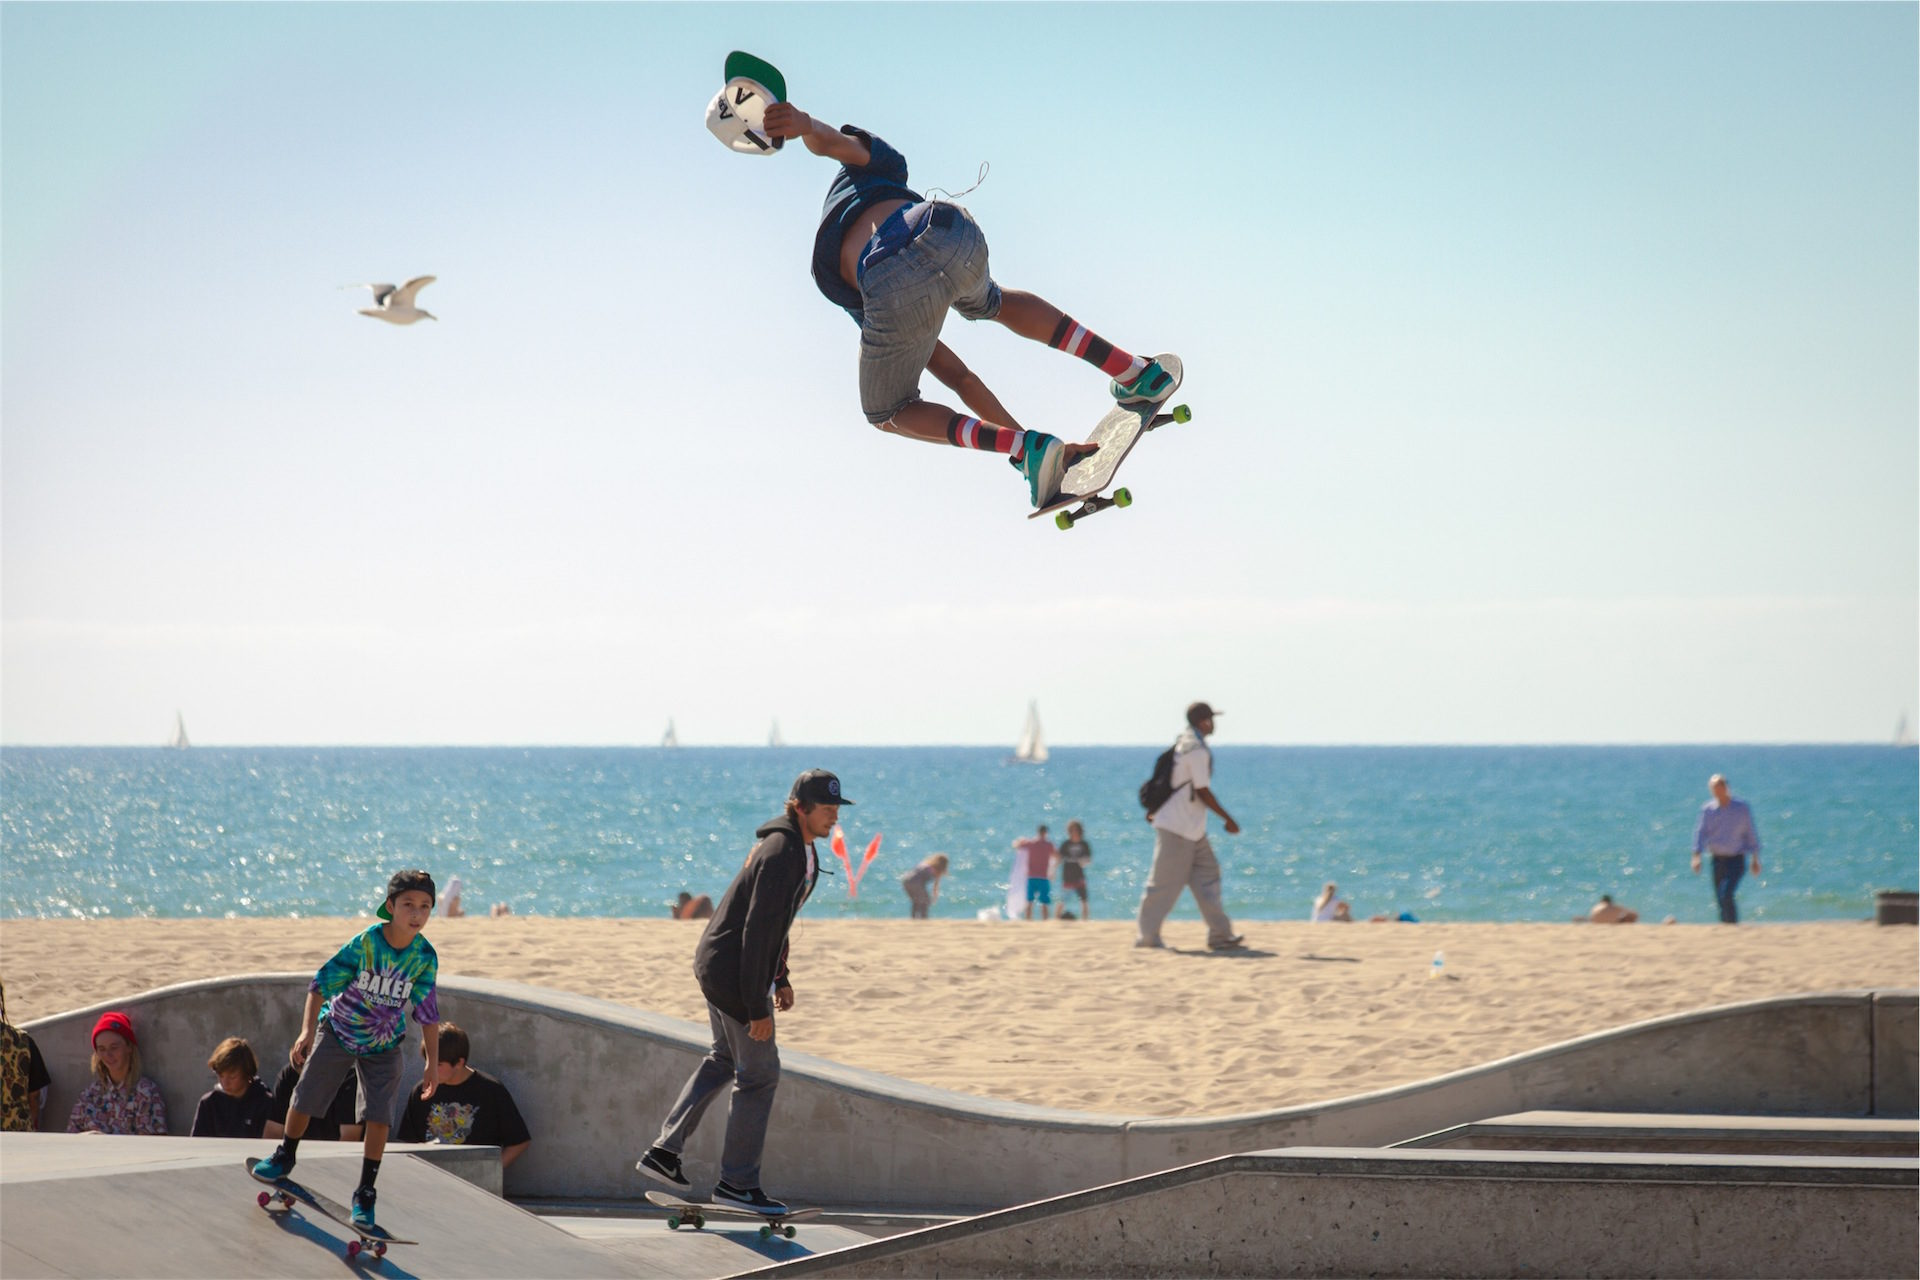 patinar, स्केट, समुद्र तट, सूर्य, मज़ा - HD वॉलपेपर - प्रोफेसर-falken.com